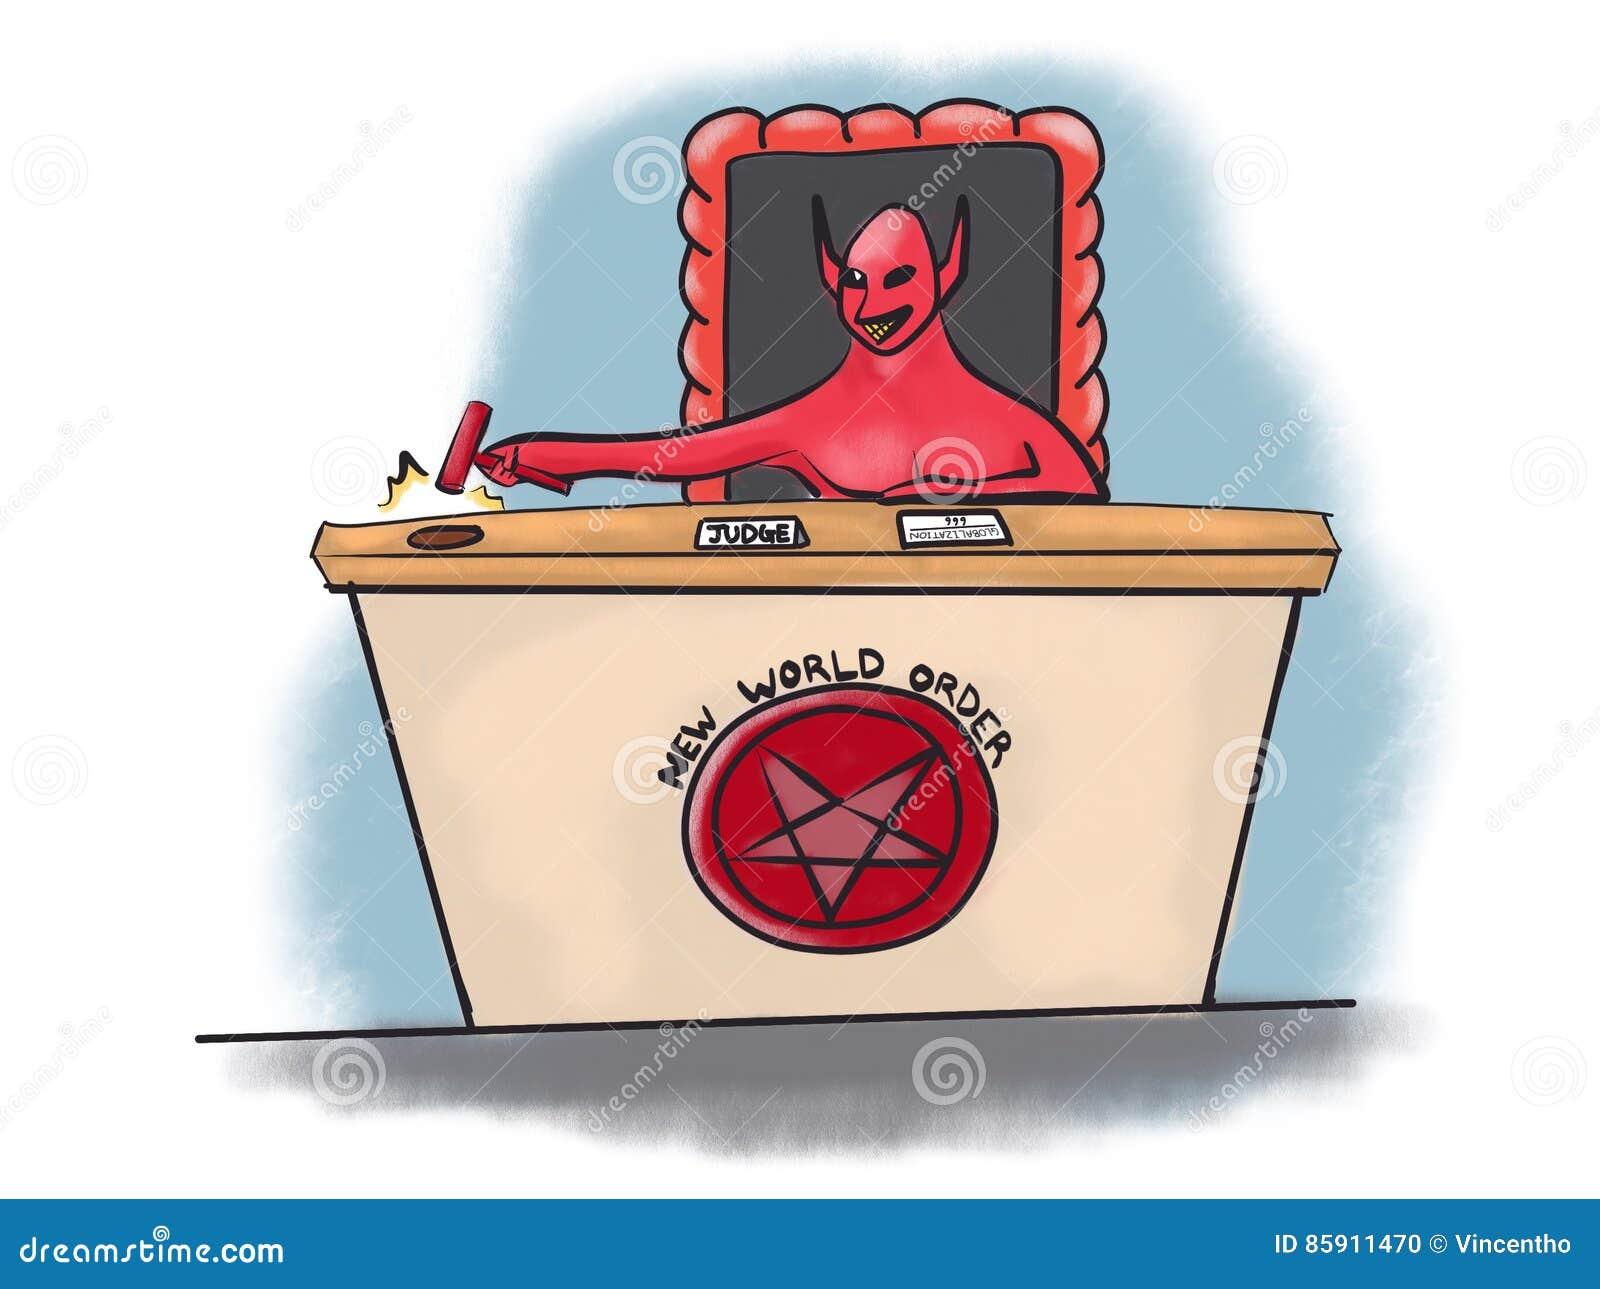 Giudice Globalization Cartoon Illustration del diavolo di nuovo ordine mondiale